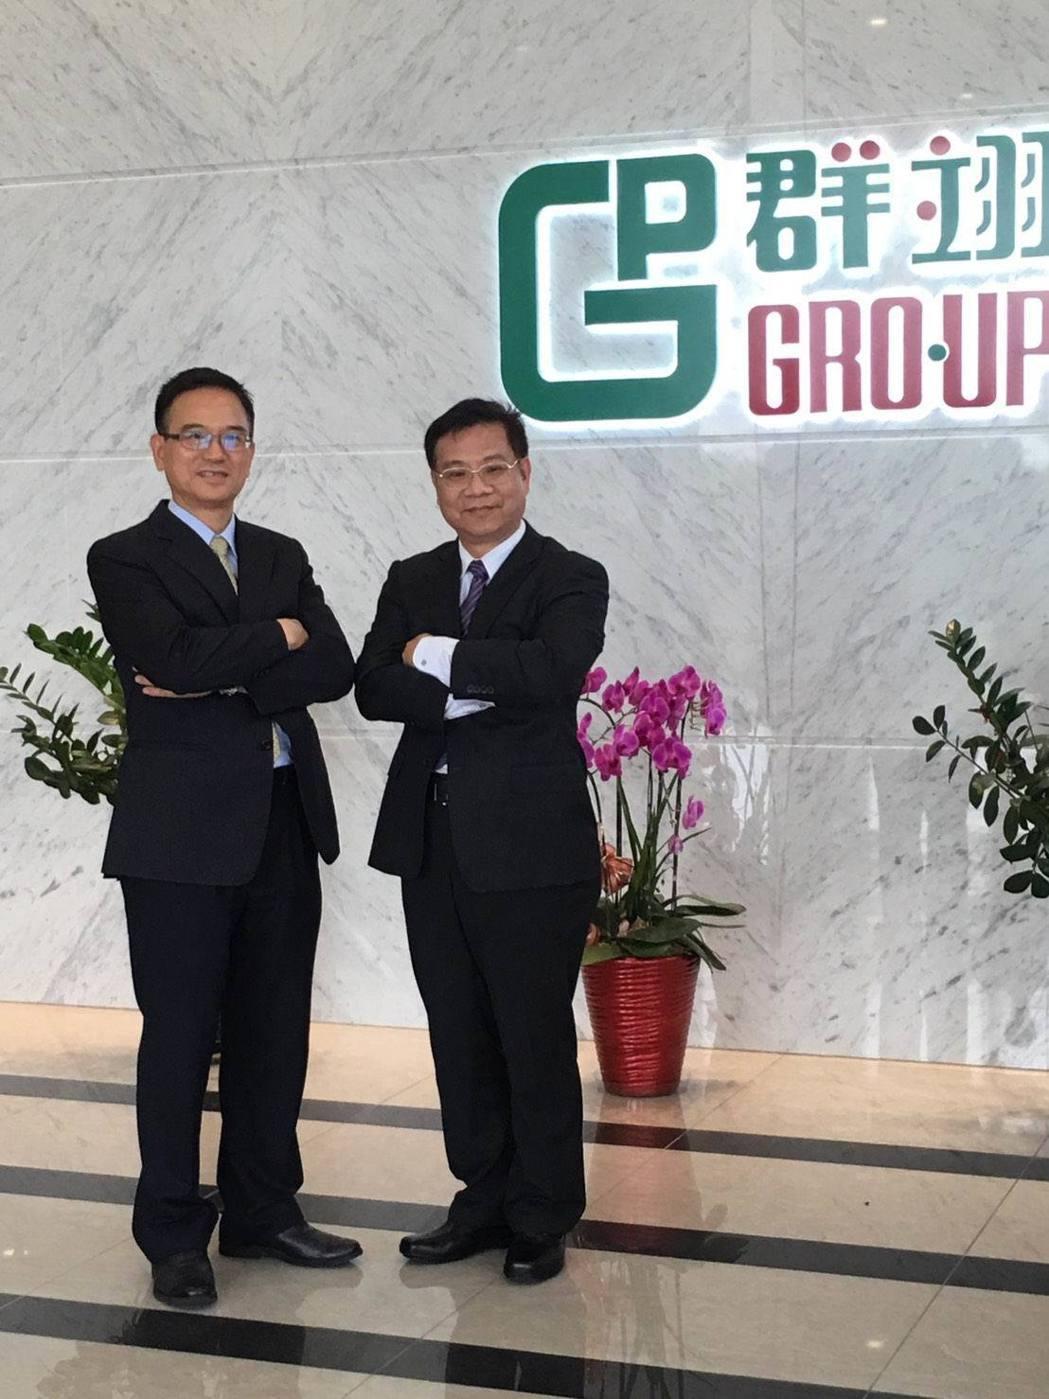 群翊工業董事長陳安順(右)、總經理李榮坤看好2018年下半年,類載板市場將持續加...